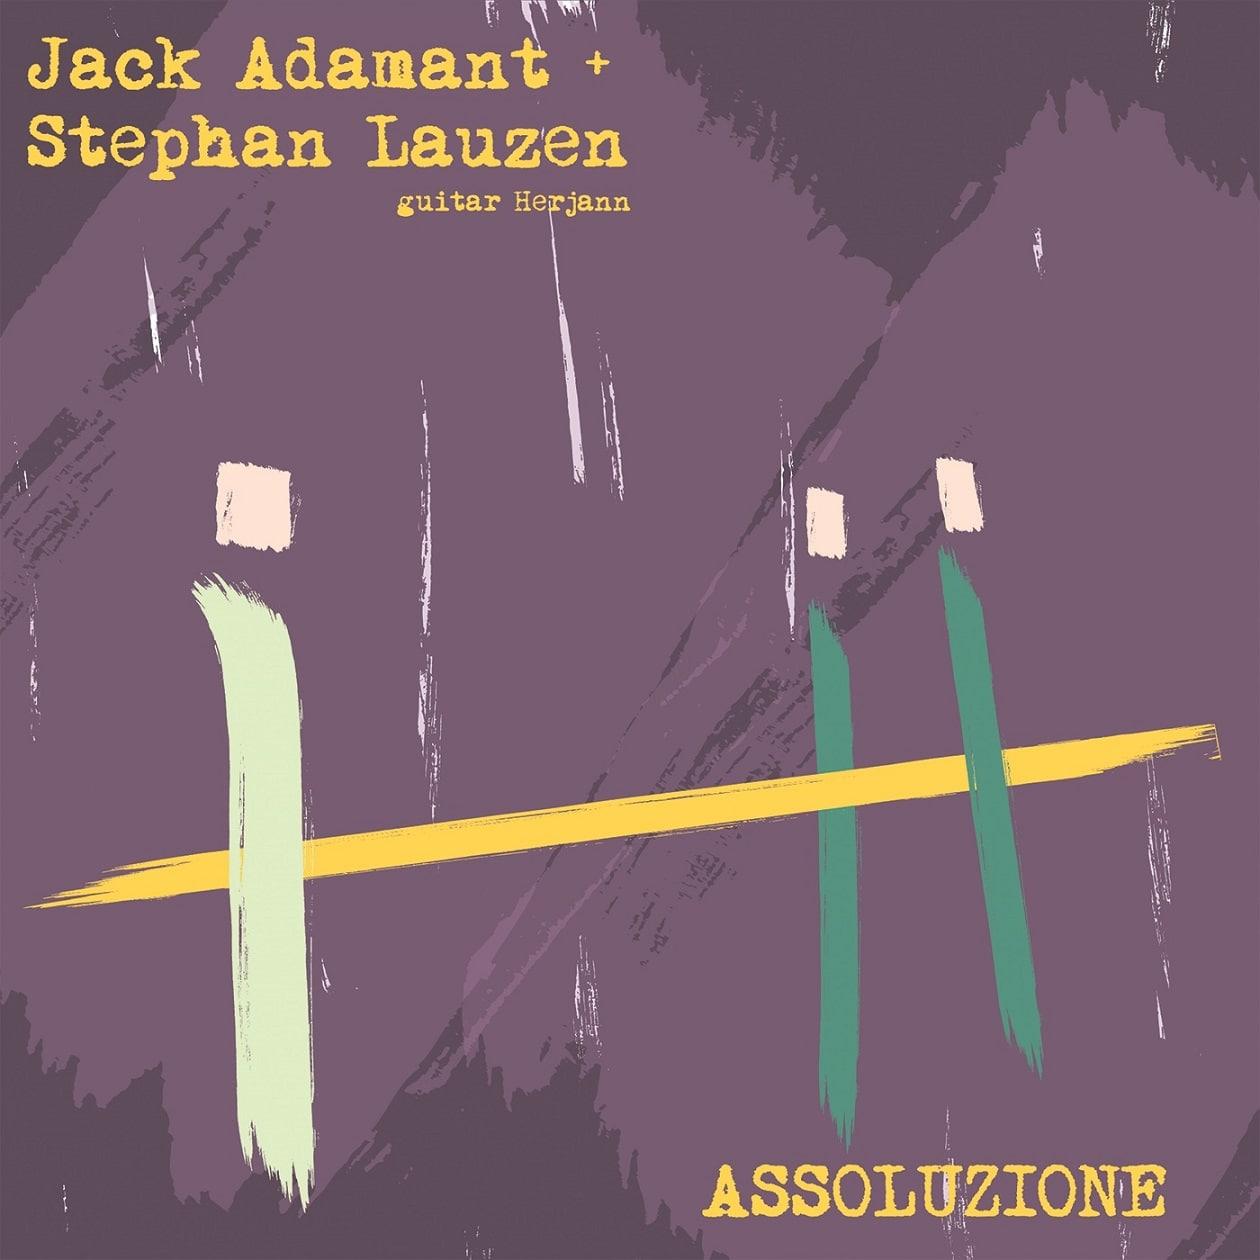 """Jack Adamant: """"Assoluzione"""" è il nuovo singolo in collaborazione con Stephan Lauzen e Herjann Svolnir"""